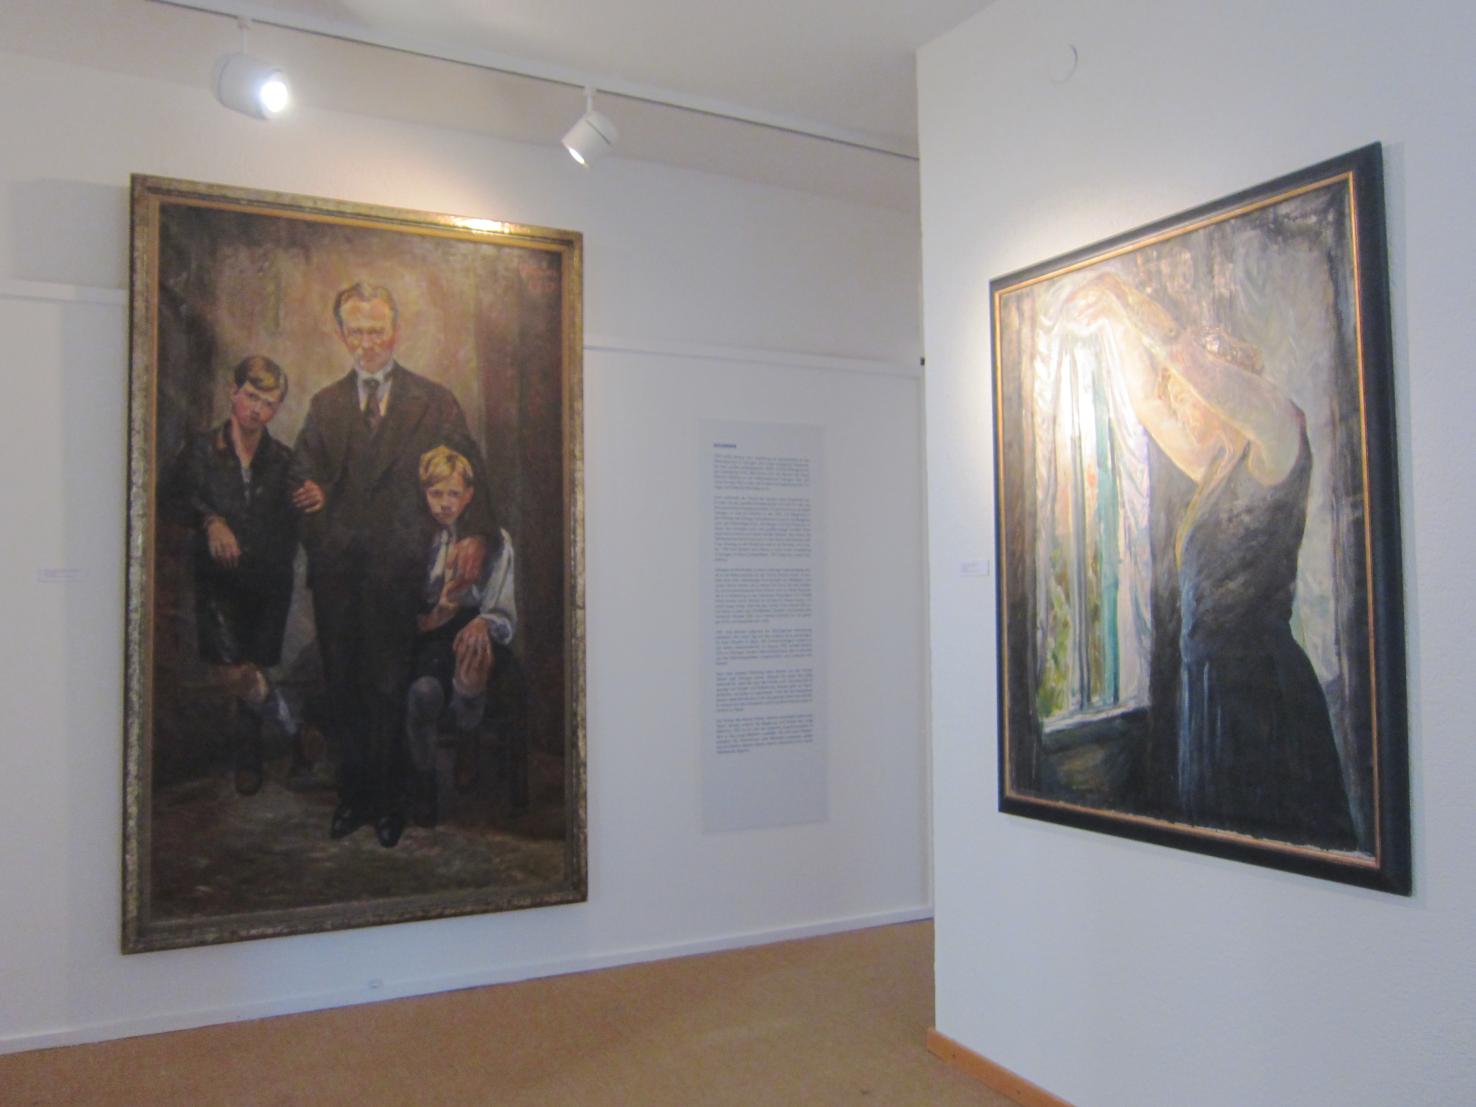 Impression aus der Retrospektive Museum am Lindenplatz in Weil am Rhein, 2013